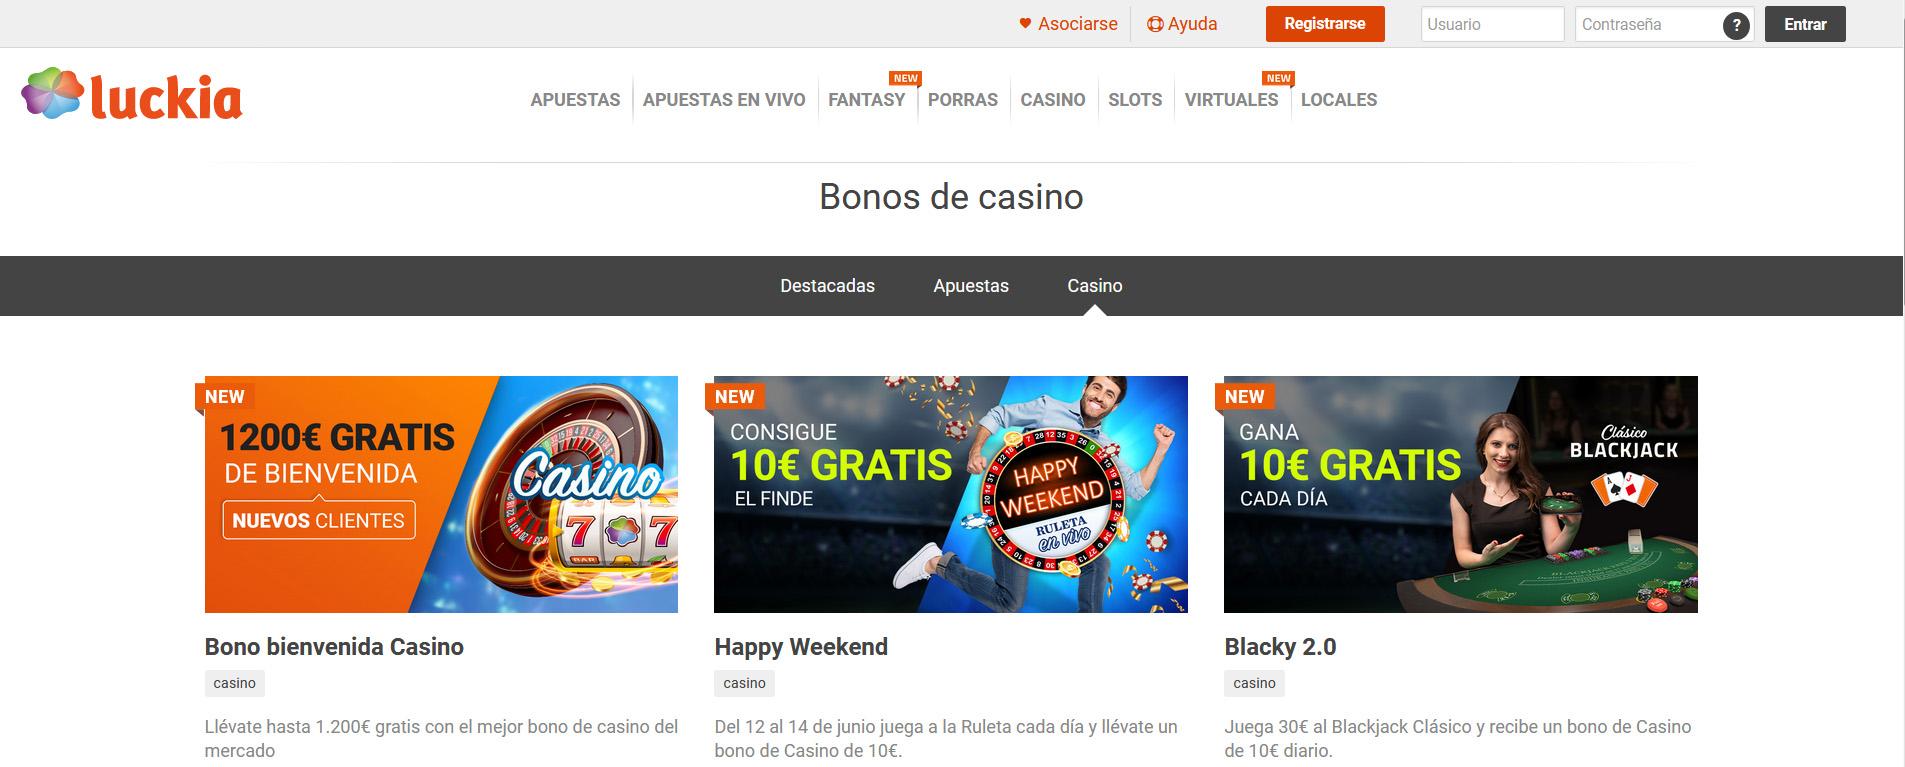 Promociones Luckia casino